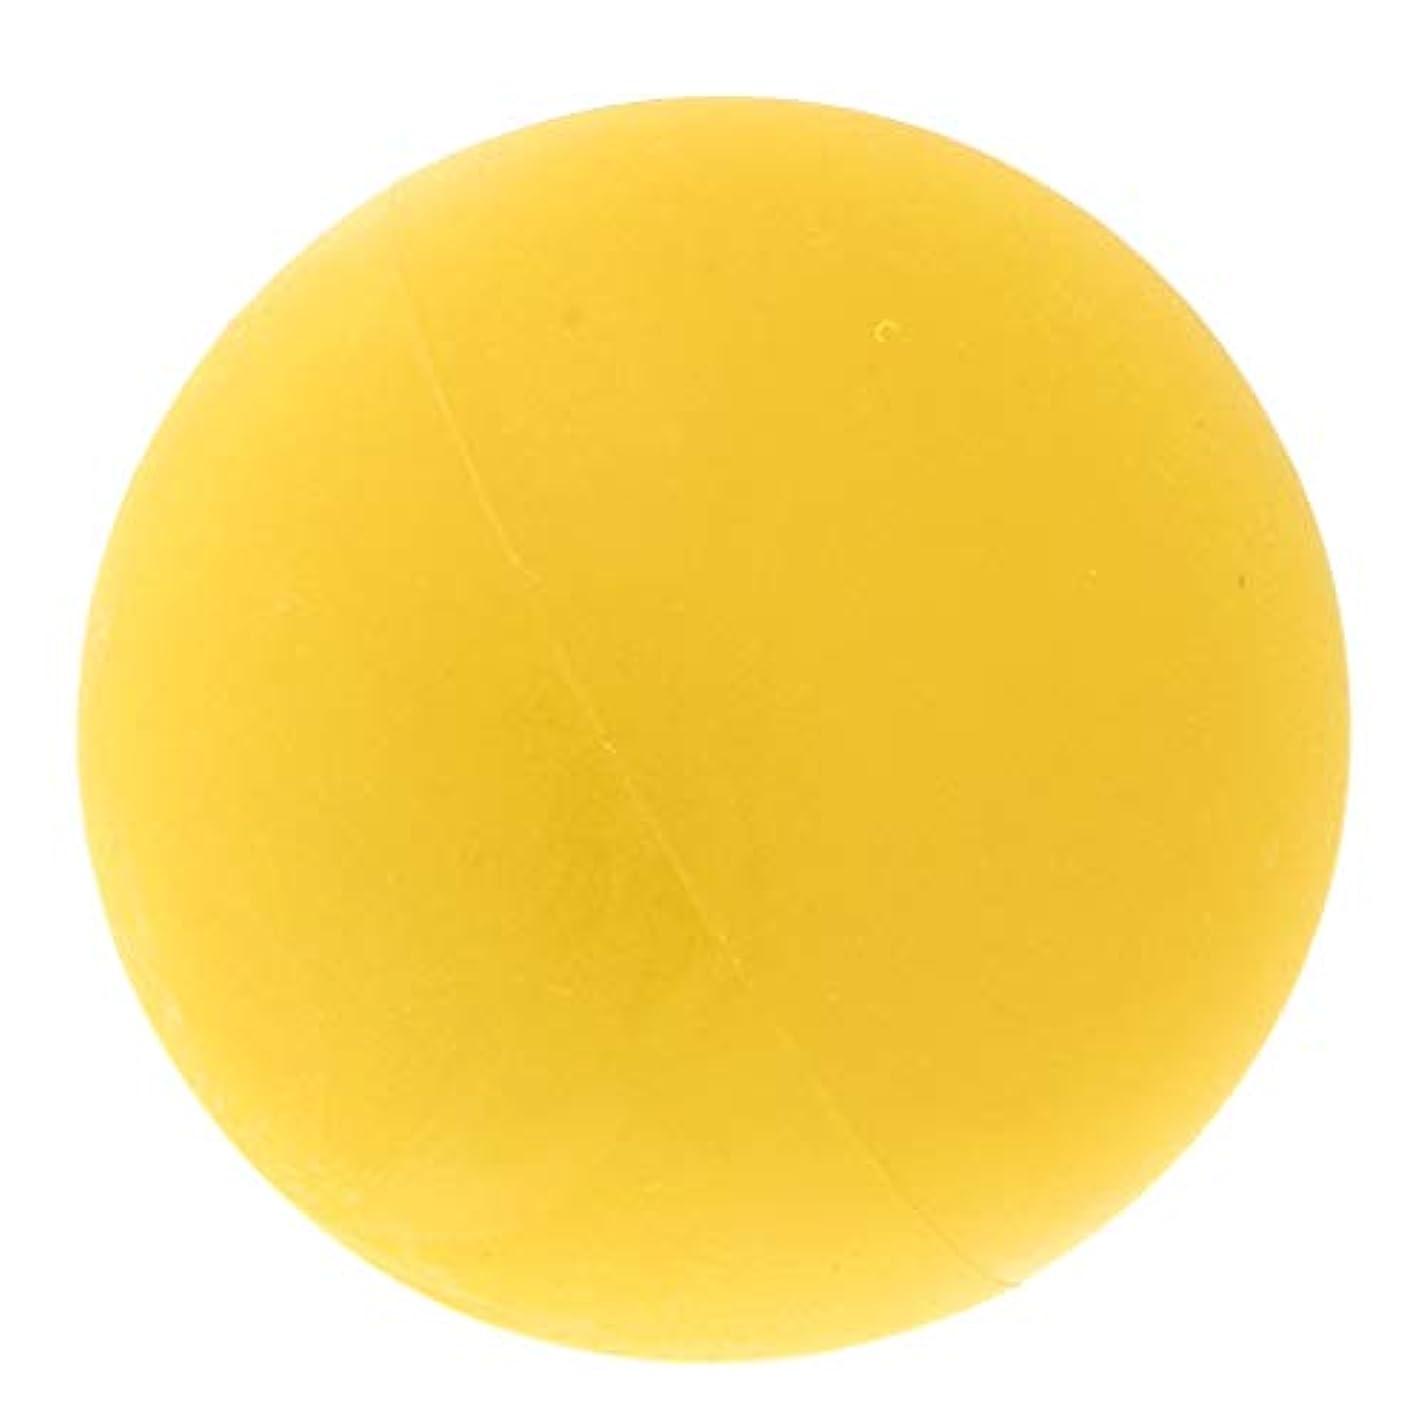 ジェーンオースティン知性ニッケルHellery マッサージボール ヨガボール トリガーポイント 筋膜リリース 緊張緩和 健康グッズ 全4色 - 黄